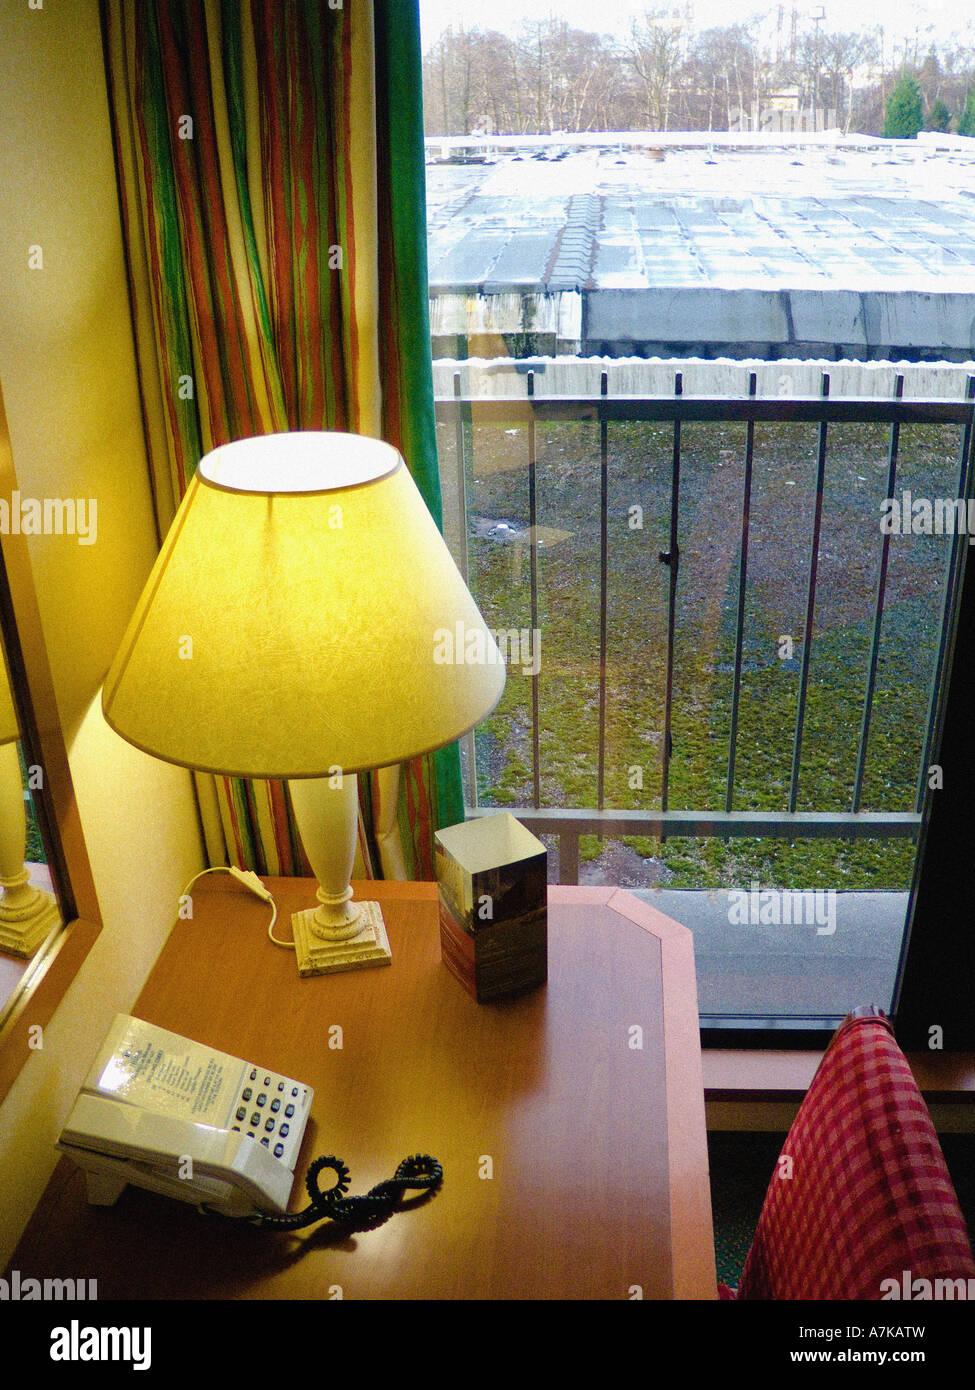 Escritorio con teléfono y lámpara en uk hotel aburrido aburrido ver fuera de la ventana en segundo plano. Imagen De Stock